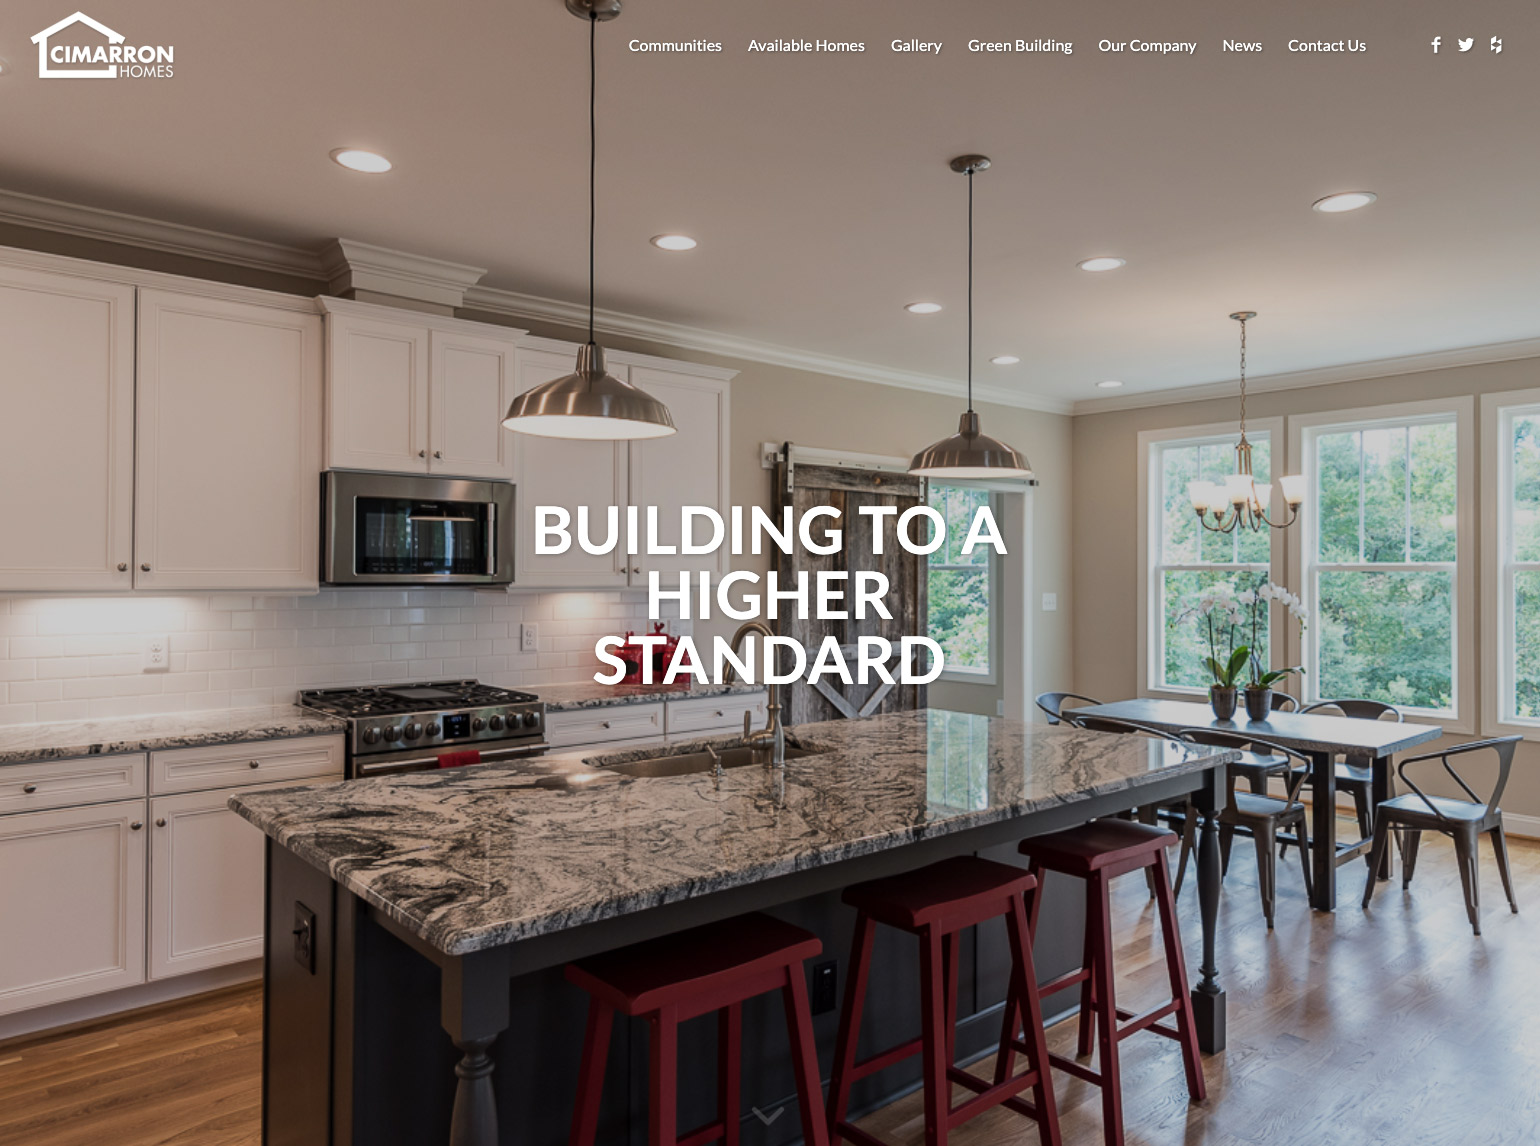 Cimarron Homes website